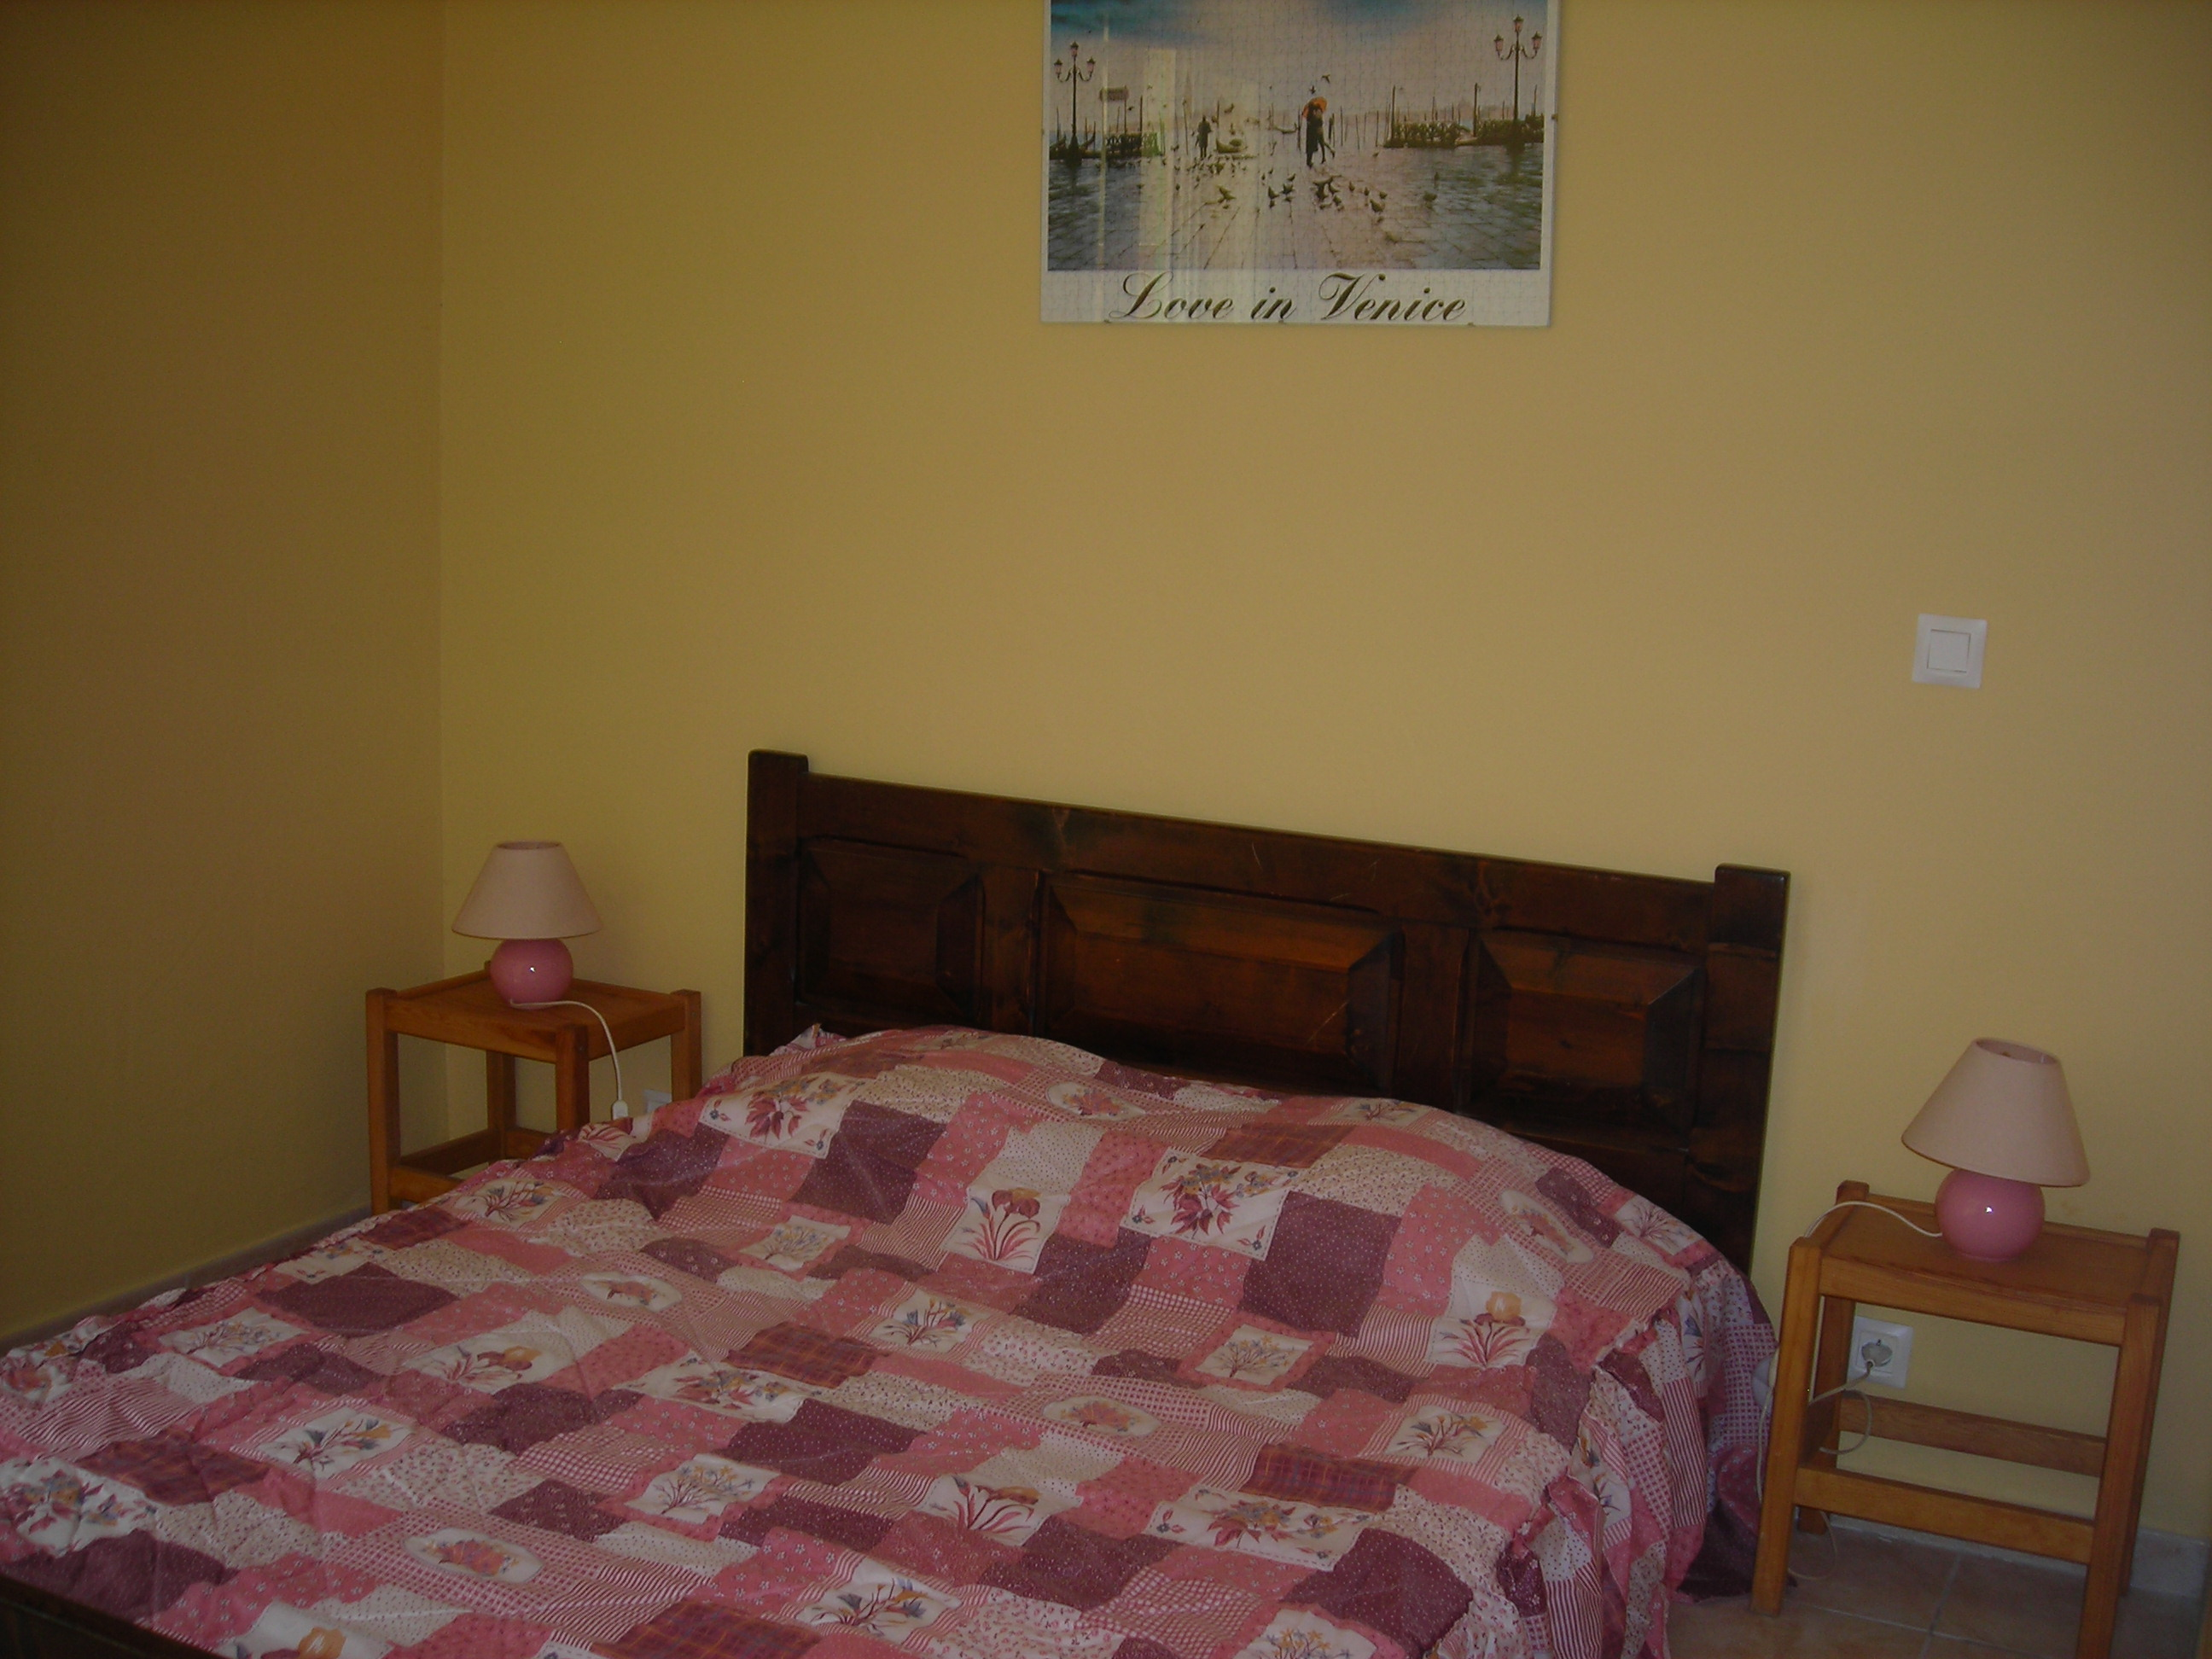 Location tudiant appartement meubl pour tudiant for Location de chambre pour etudiant